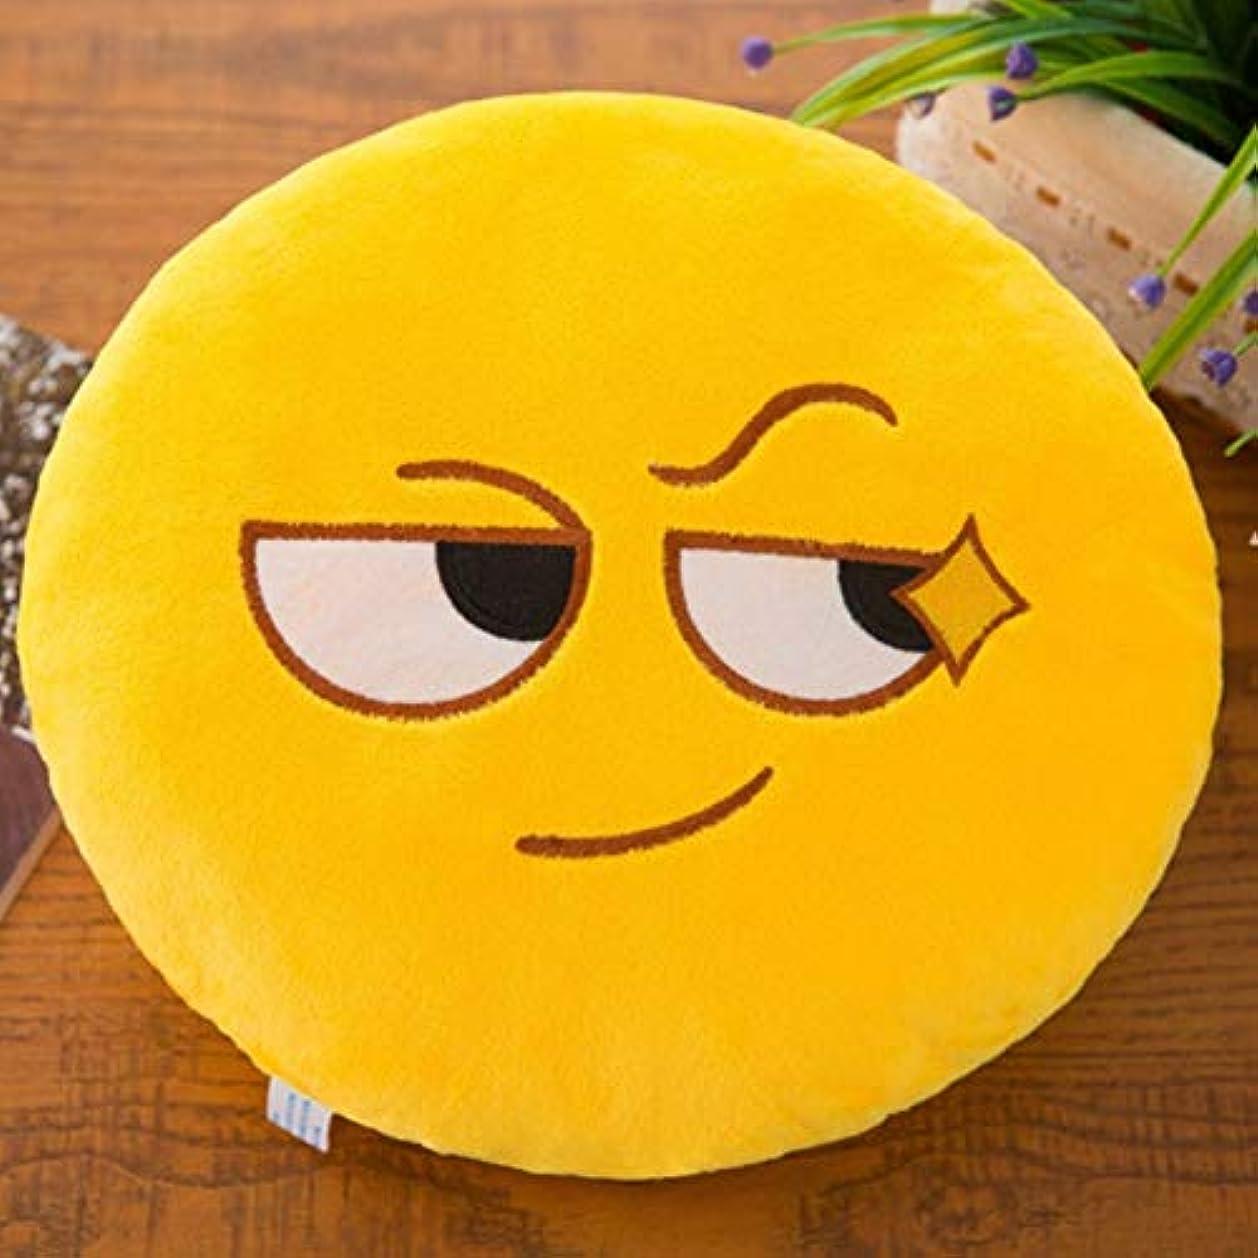 櫛アヒル貫通するLIFE 40 センチメートルスマイル絵文字枕ソフトぬいぐるみ絵文字ラウンドクッション家の装飾かわいい漫画のおもちゃの人形装飾枕ドロップ船 クッション 椅子